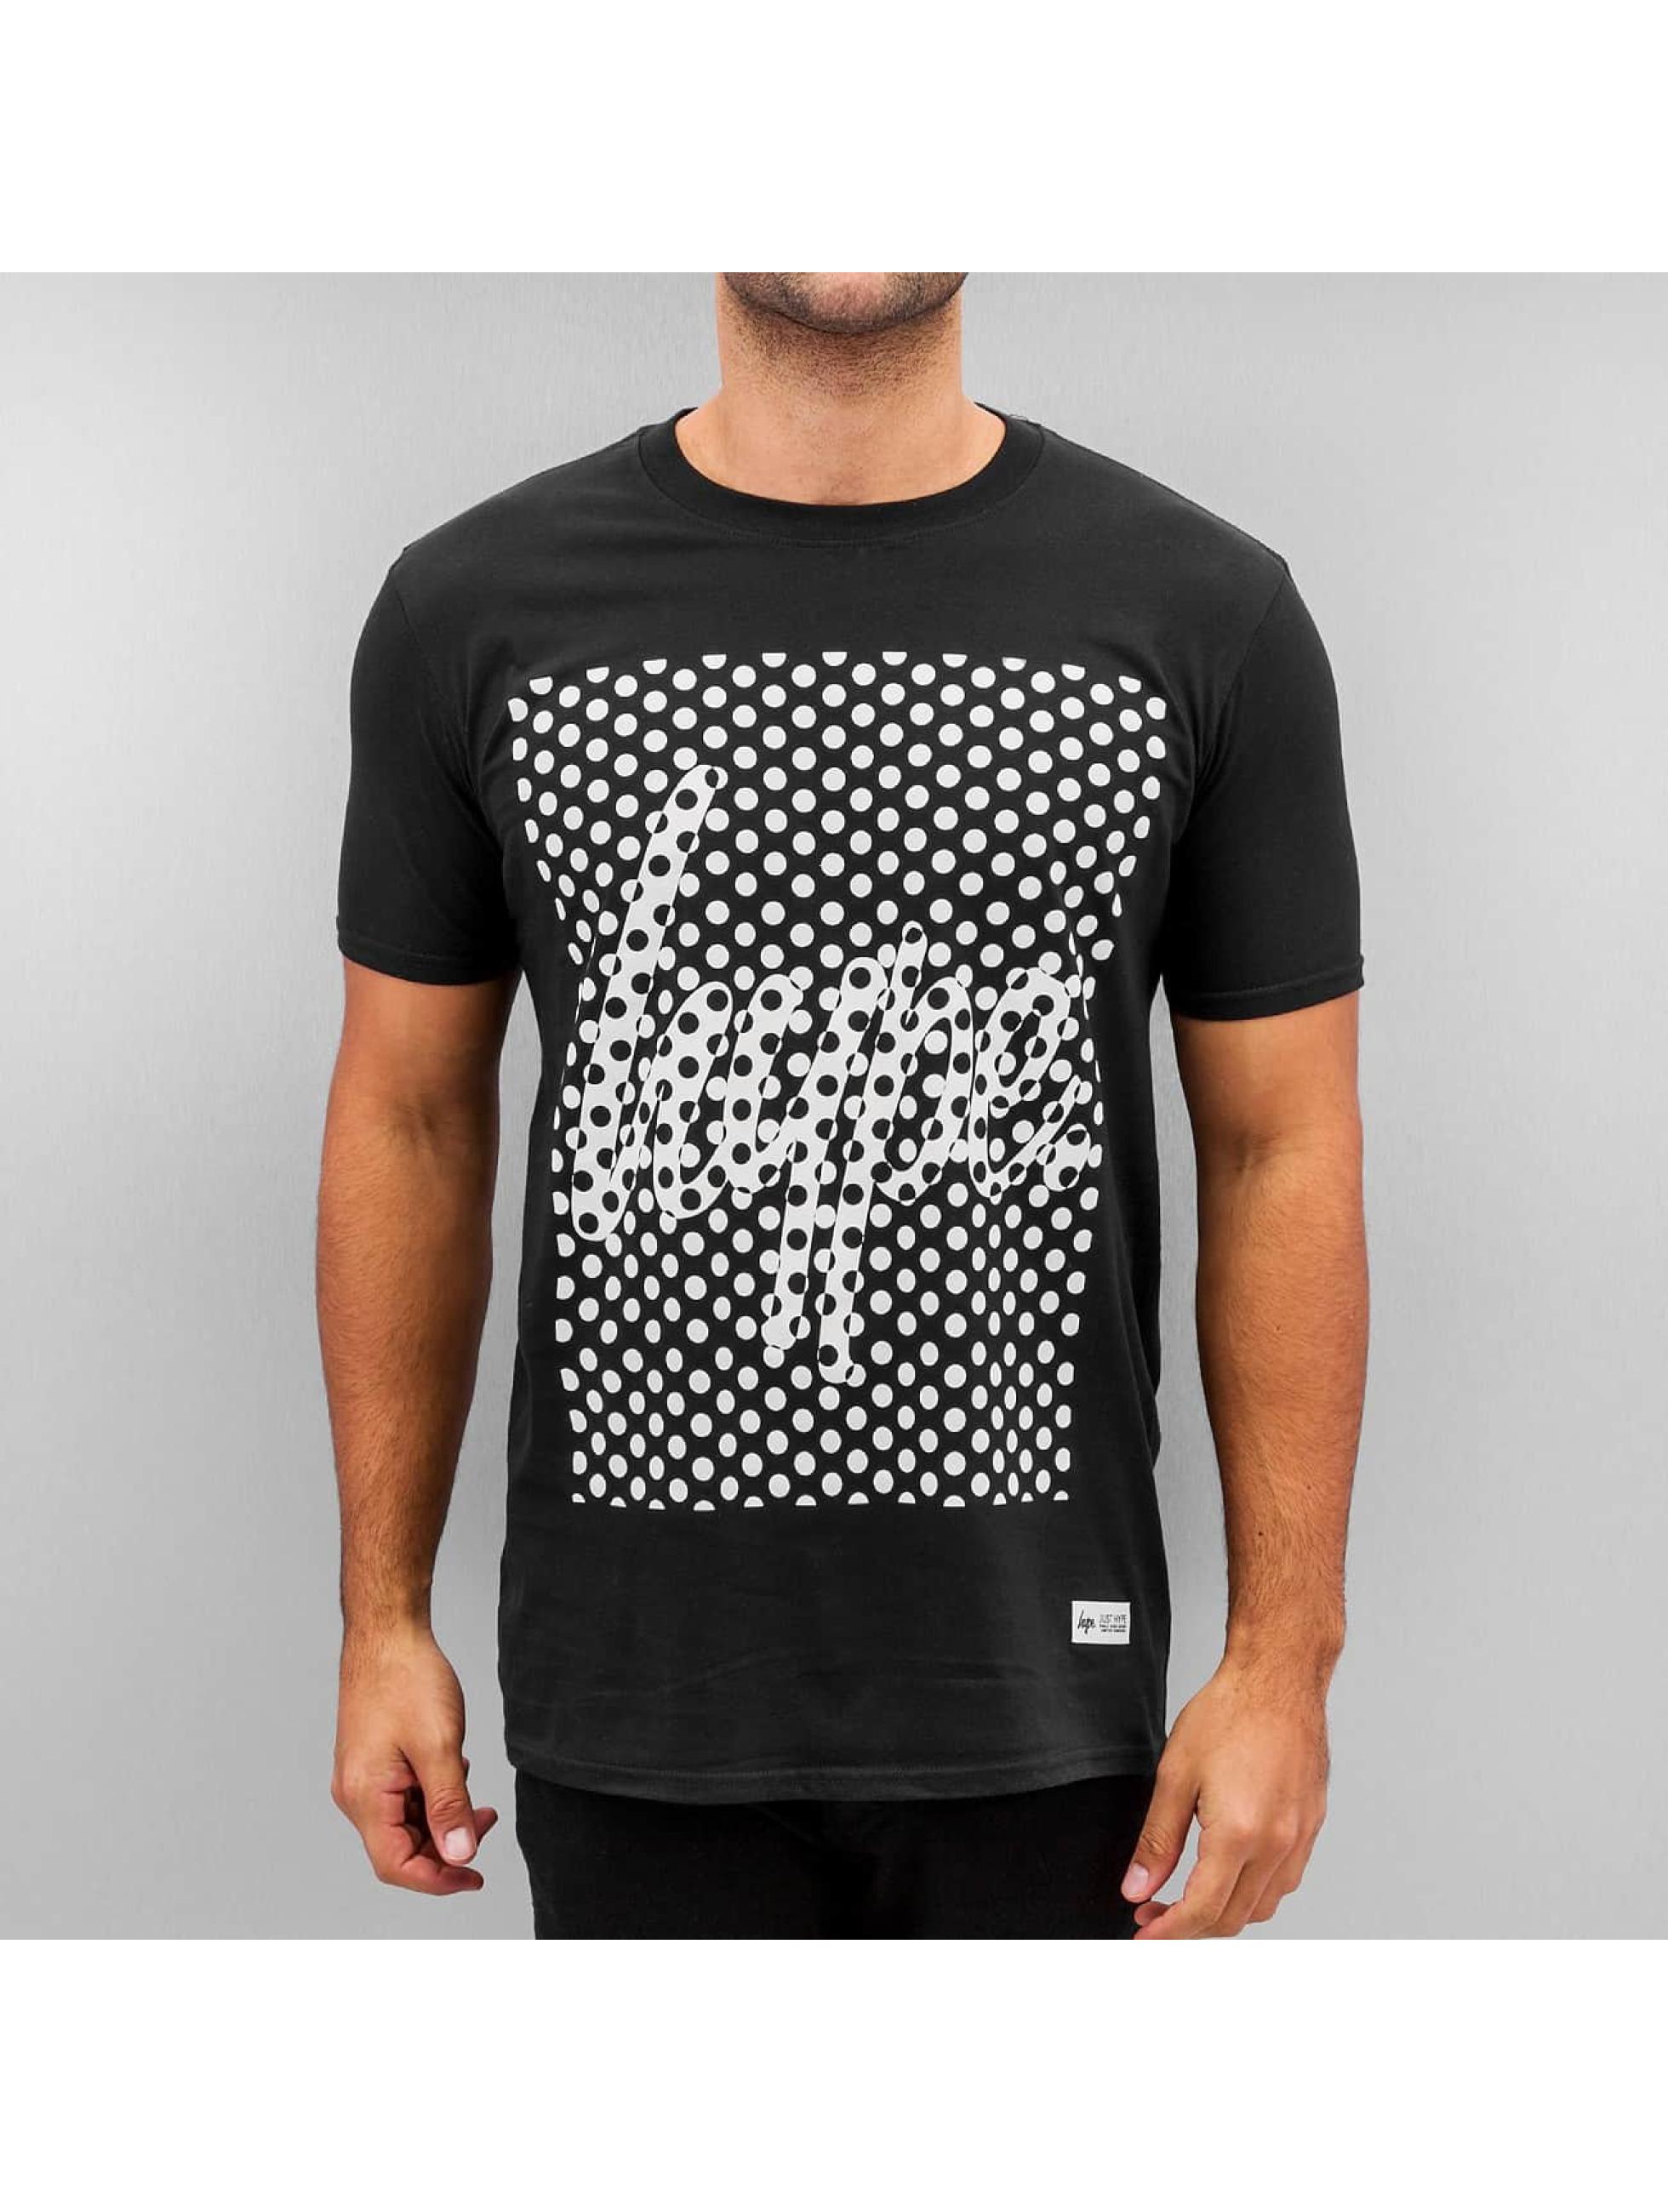 HYPE t-shirt Spot zwart